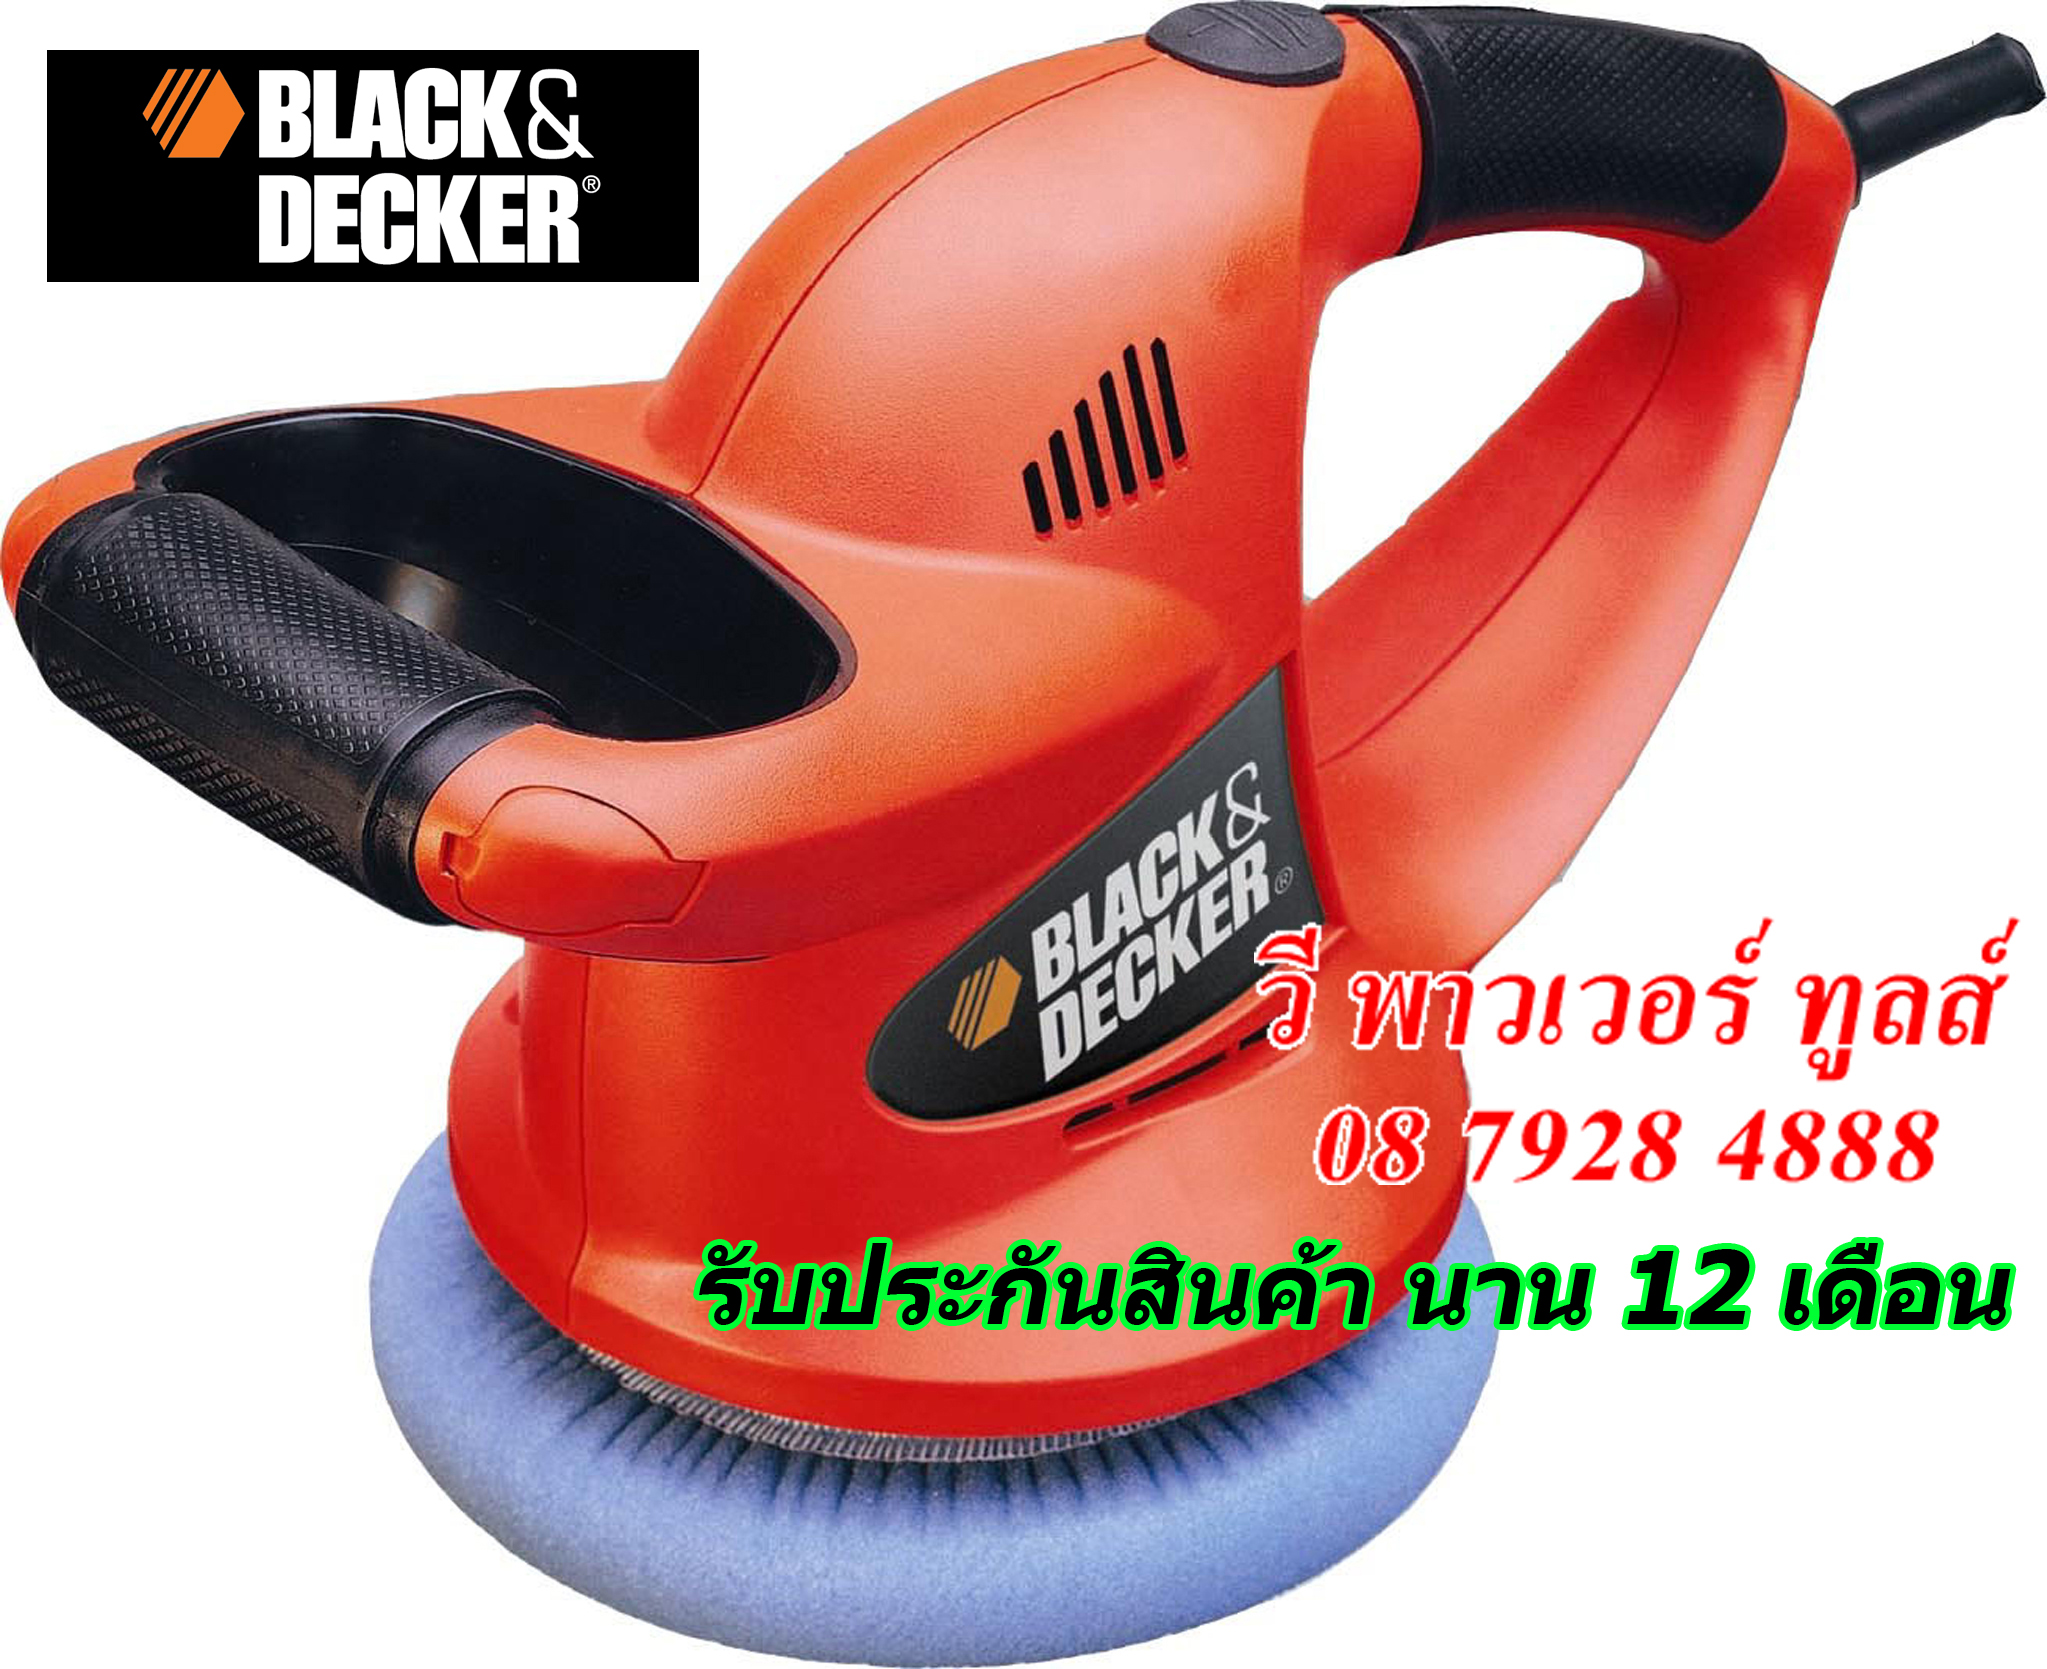 """BLACK&DECKER KP600 เครื่องขัดสี และเคลือบเงา 6"""" (152มม.)"""